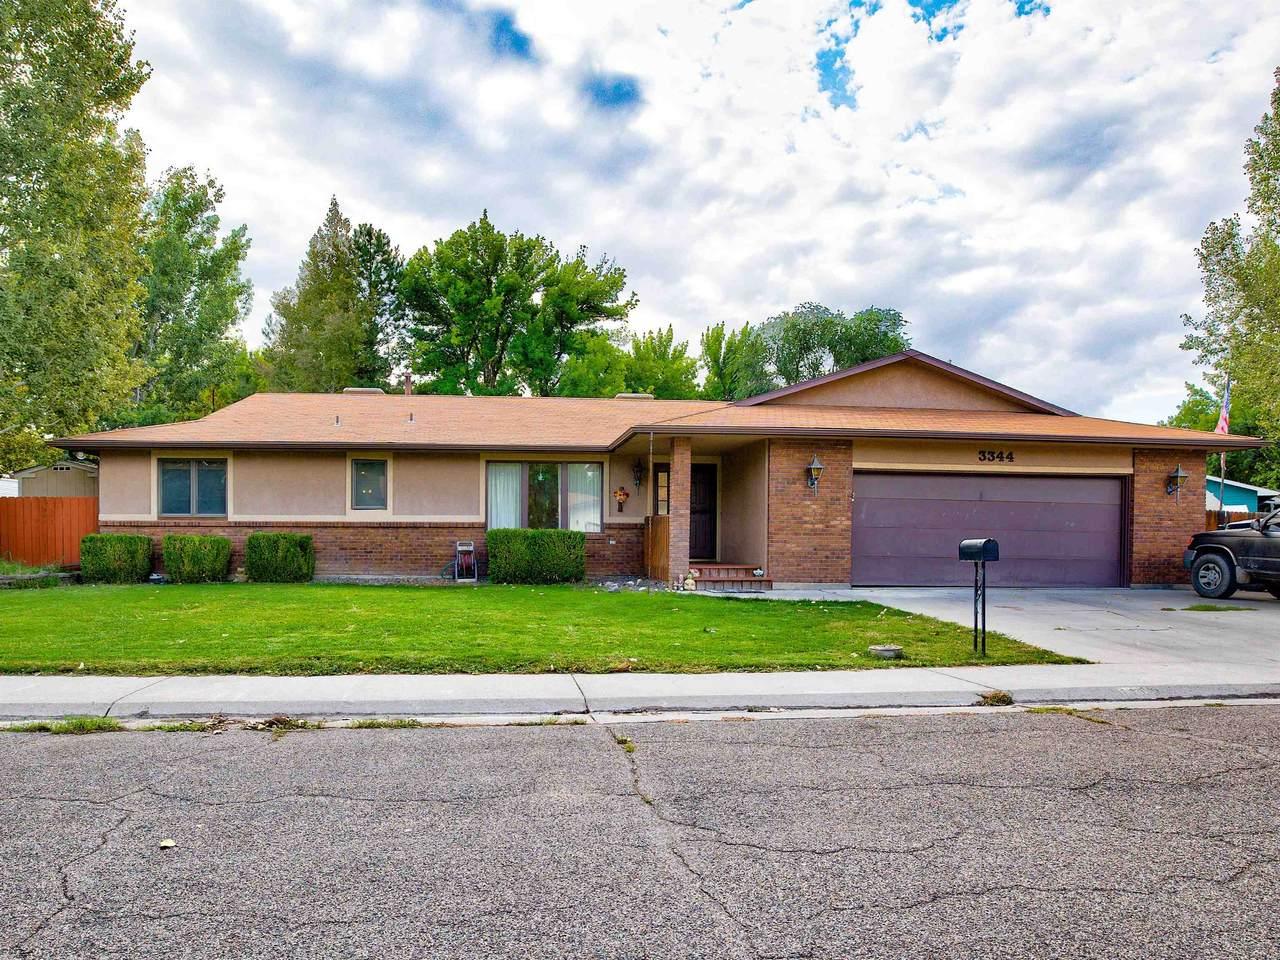 3344 Northridge Drive - Photo 1